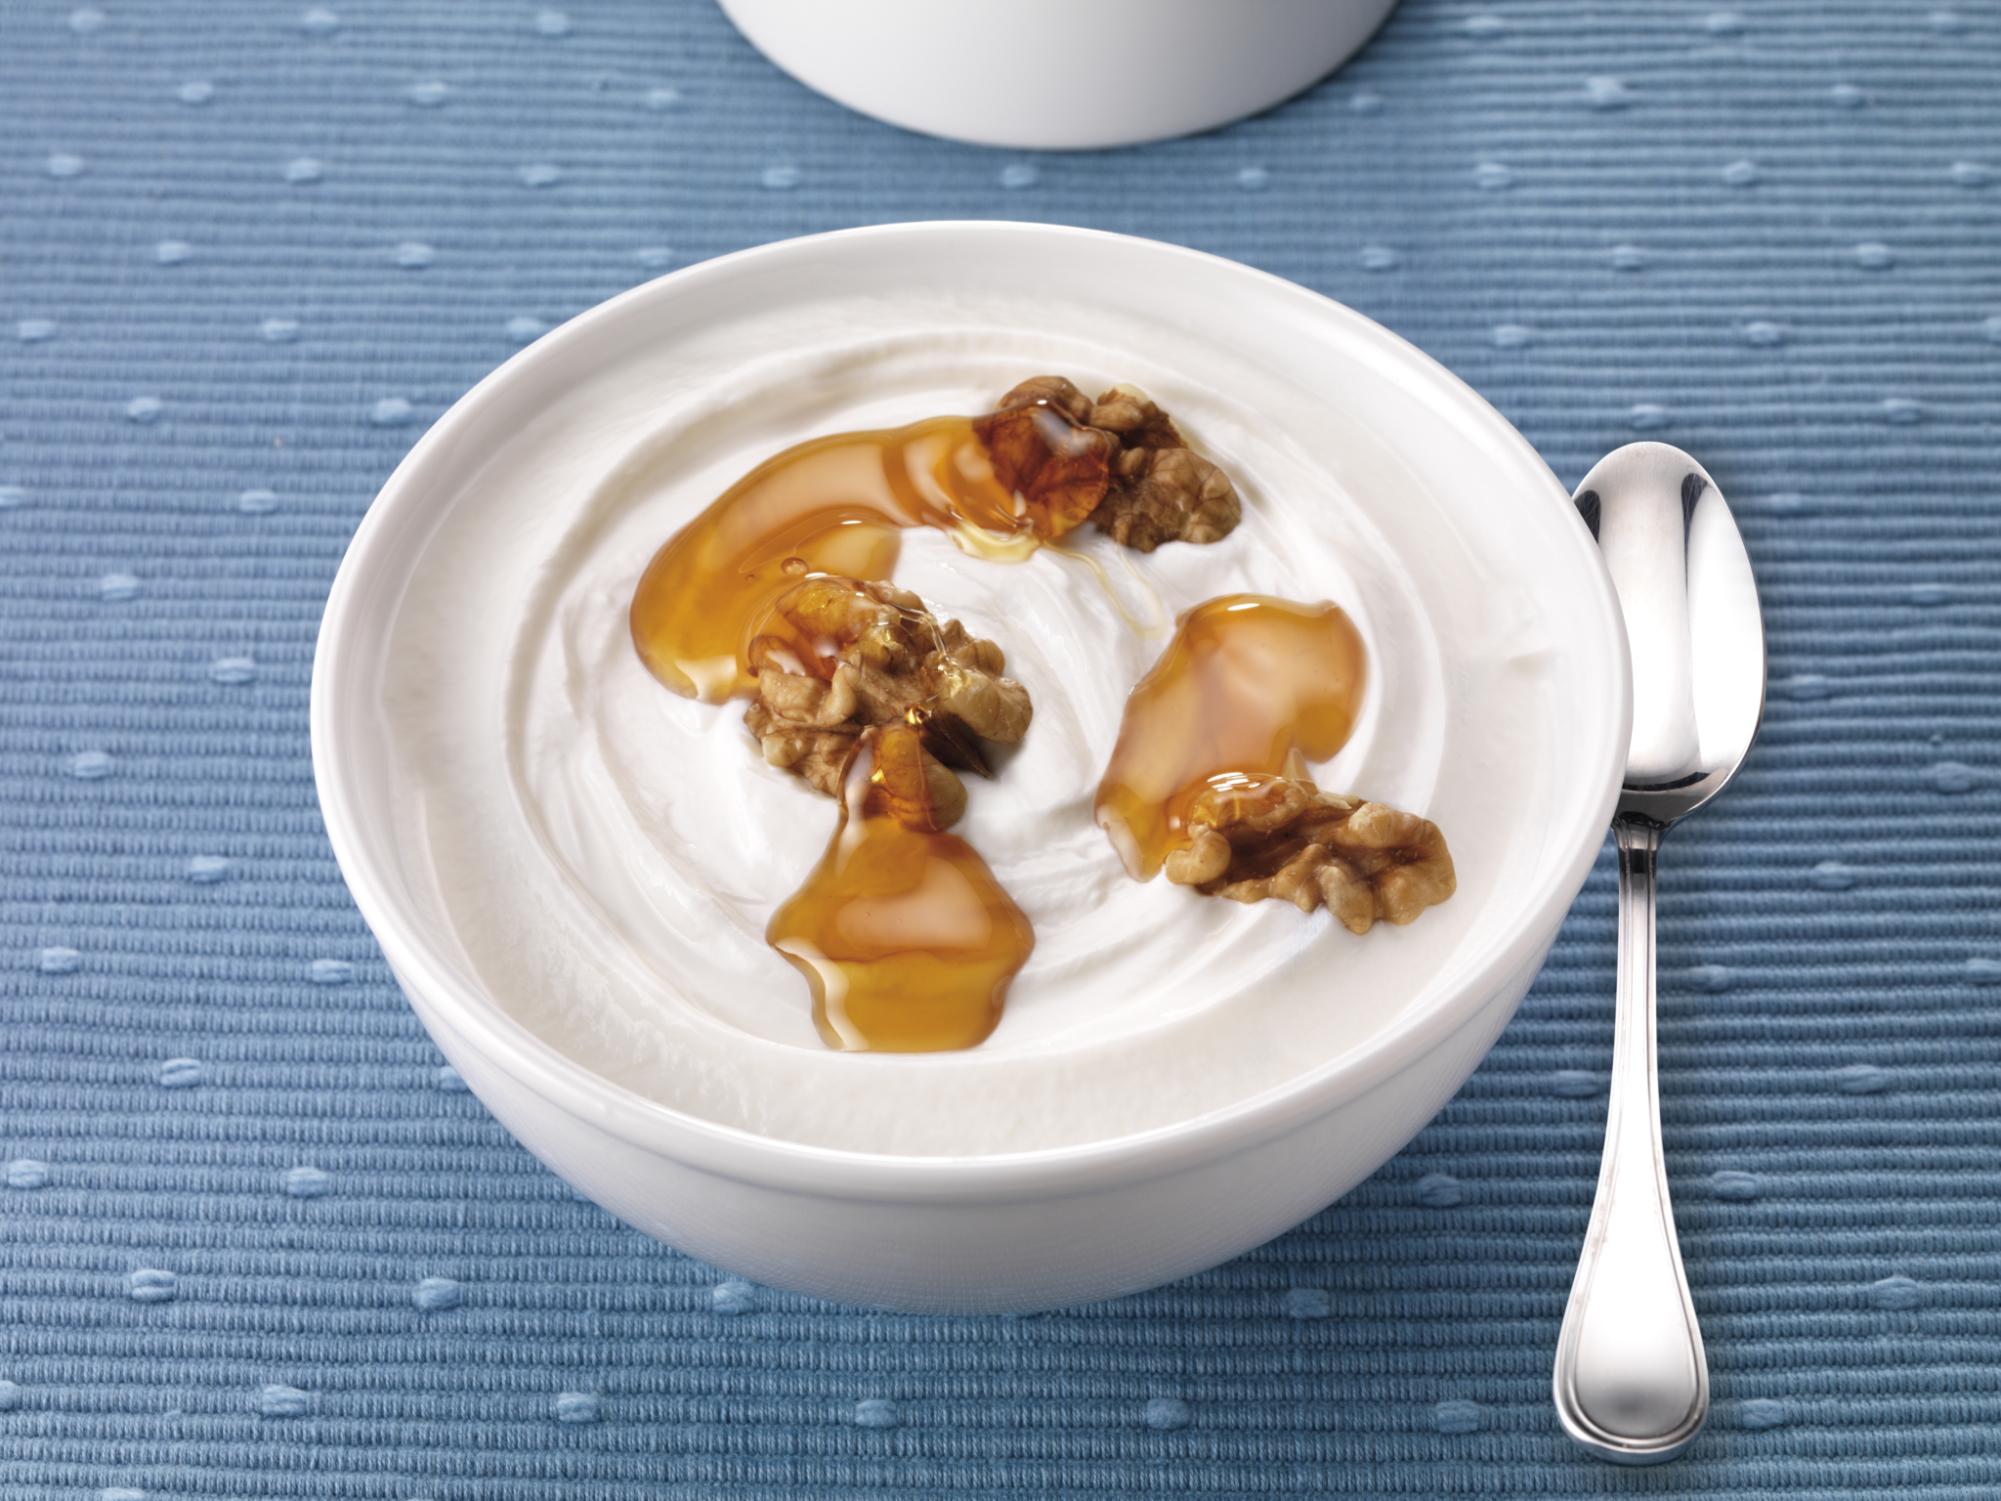 Como hacer cuajada casera con miel y nueces